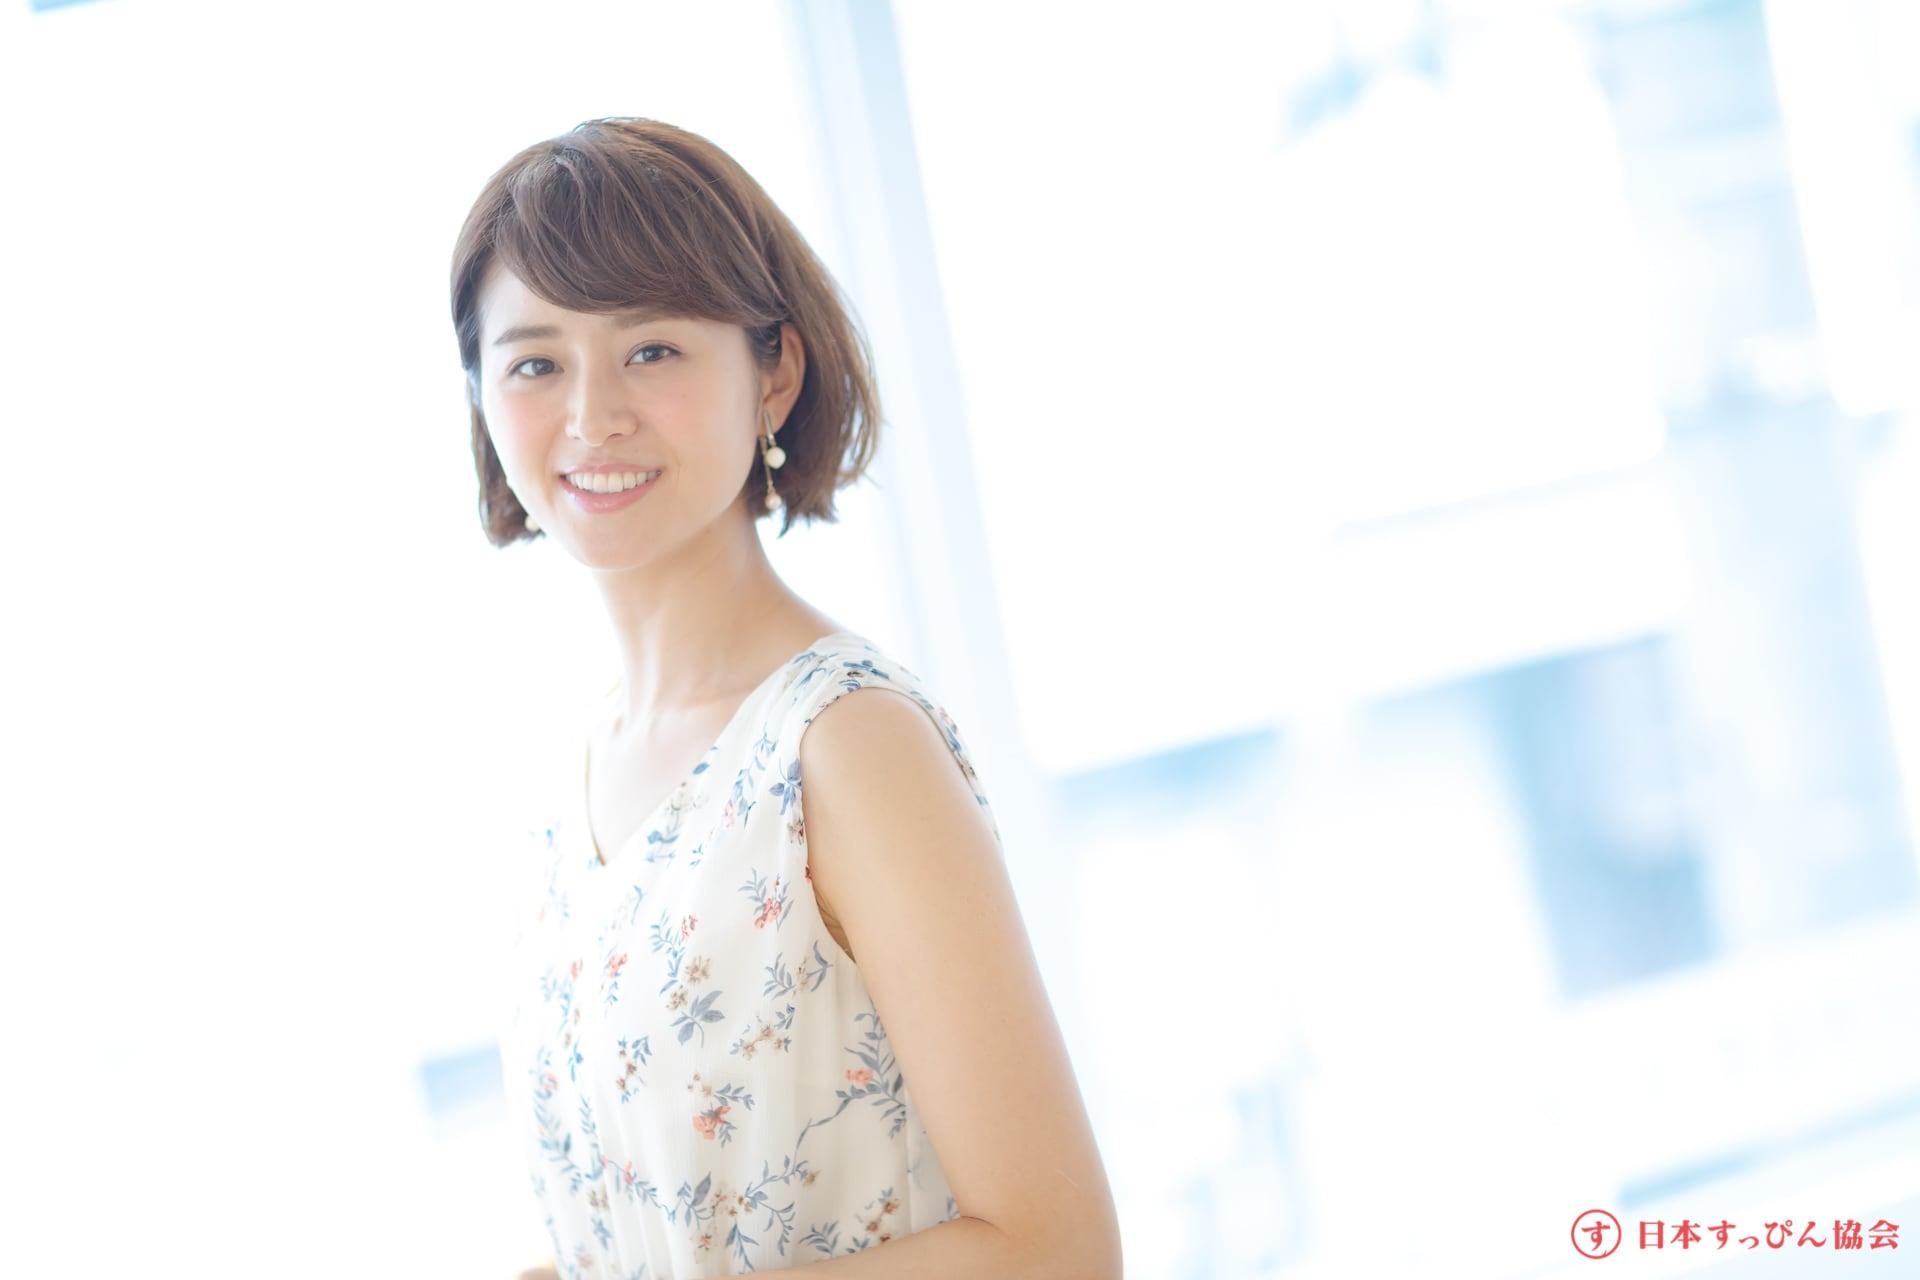 忙しい時でも自分を大切にする時間をもって、心を豊かに - 女優・鈴木ちなみ